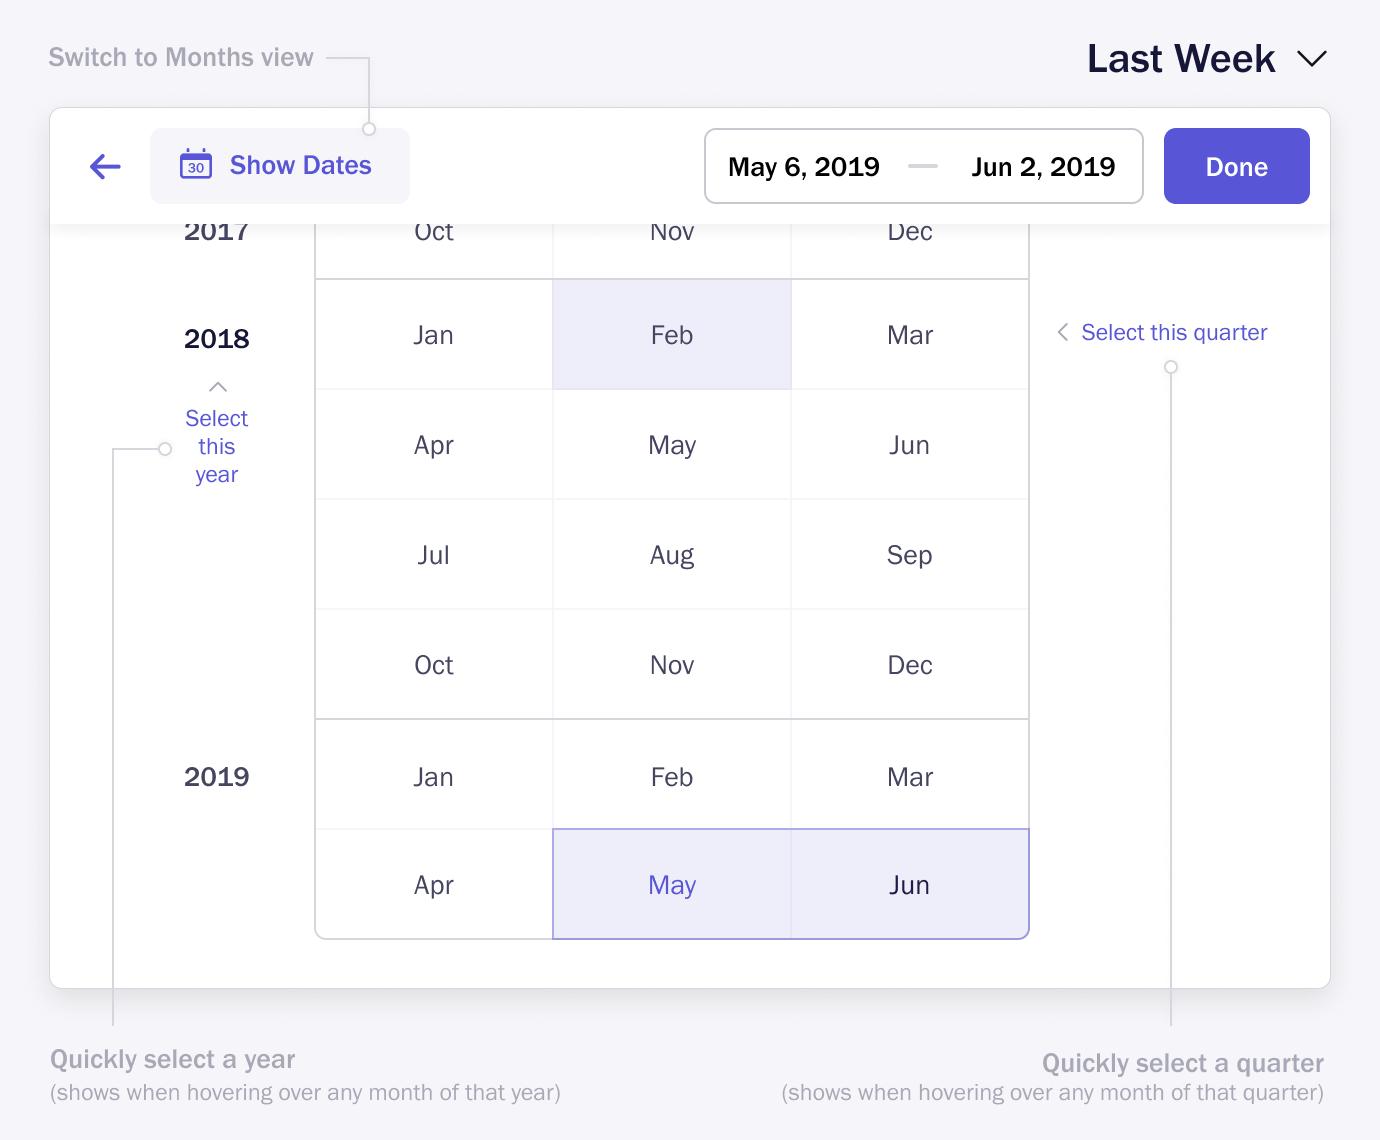 DatePicker Months View